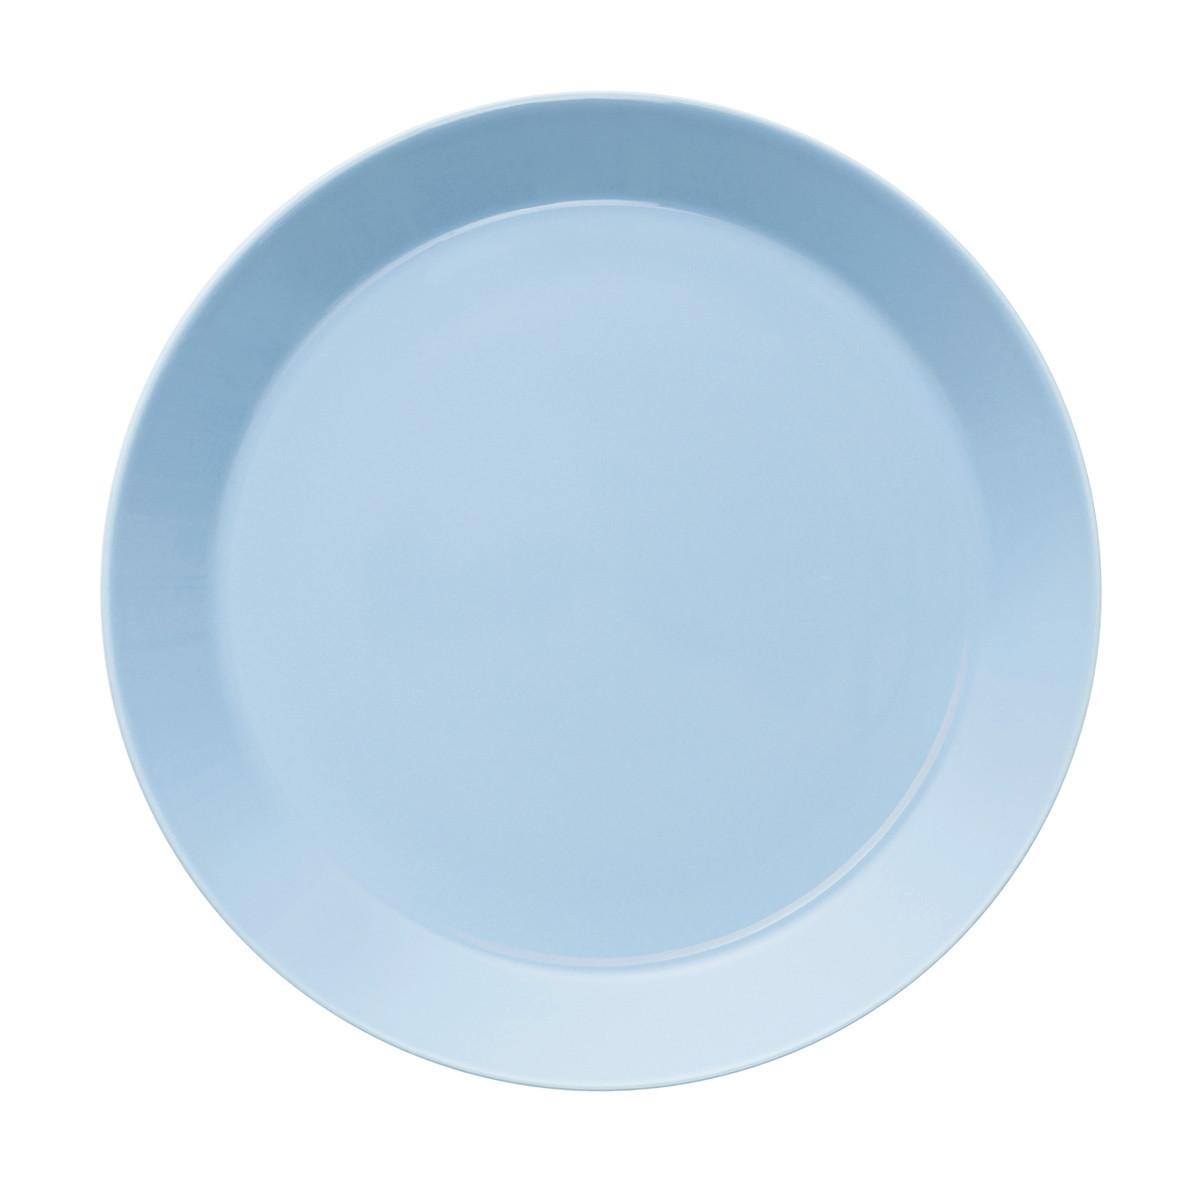 Blue Dinner Plates  iittala Teema Light Blue Dinner Plate iittala Teema